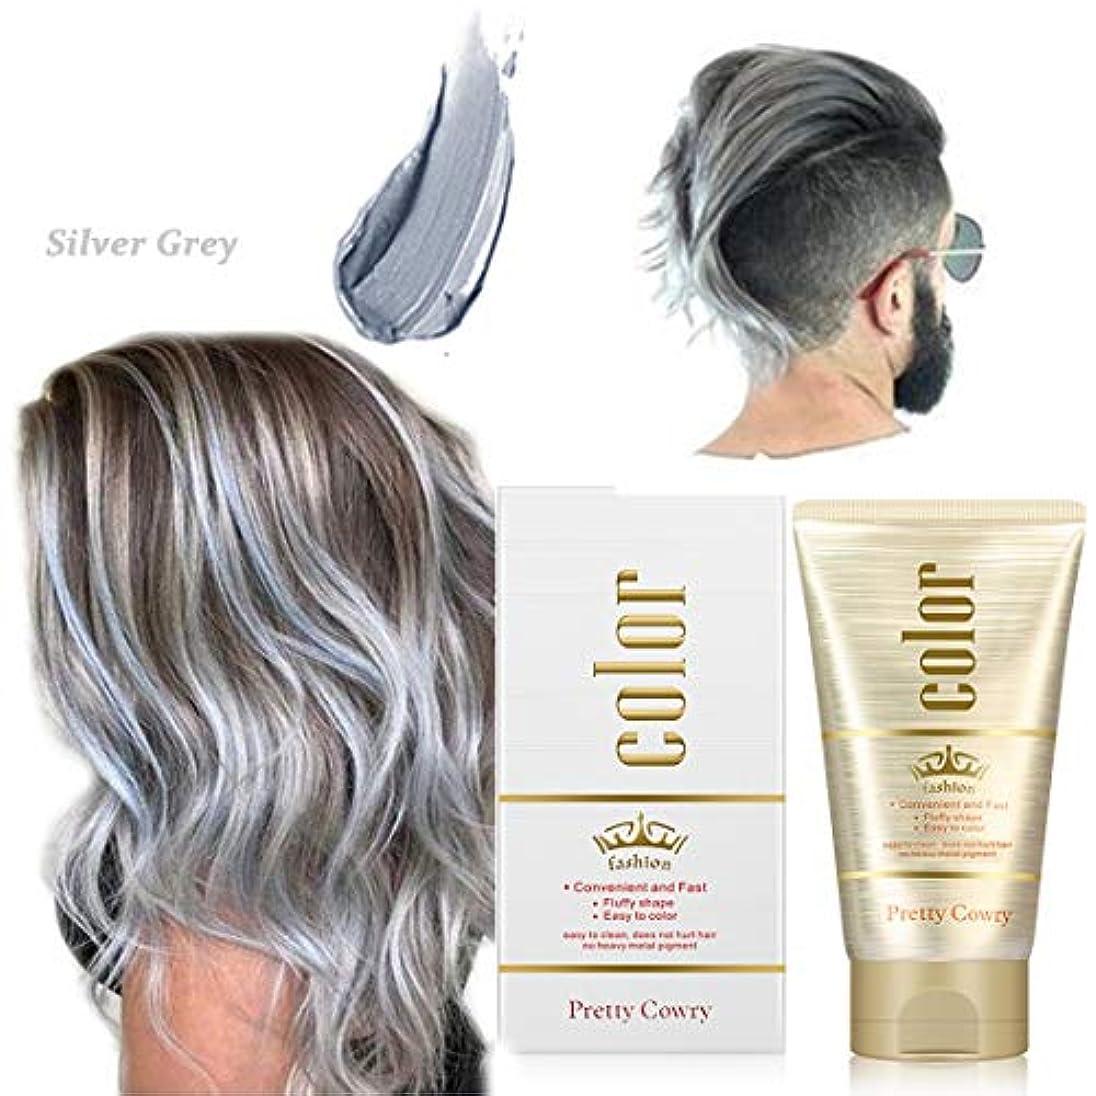 分割どうしたのコショウ染めヘアワックス、ワンタイムカラースタイリング、スタイリングカラーヘアワックス、ユニセックス9色、diyヘアカラーヘアパーティー、ロールプレイング (Sliver grey)